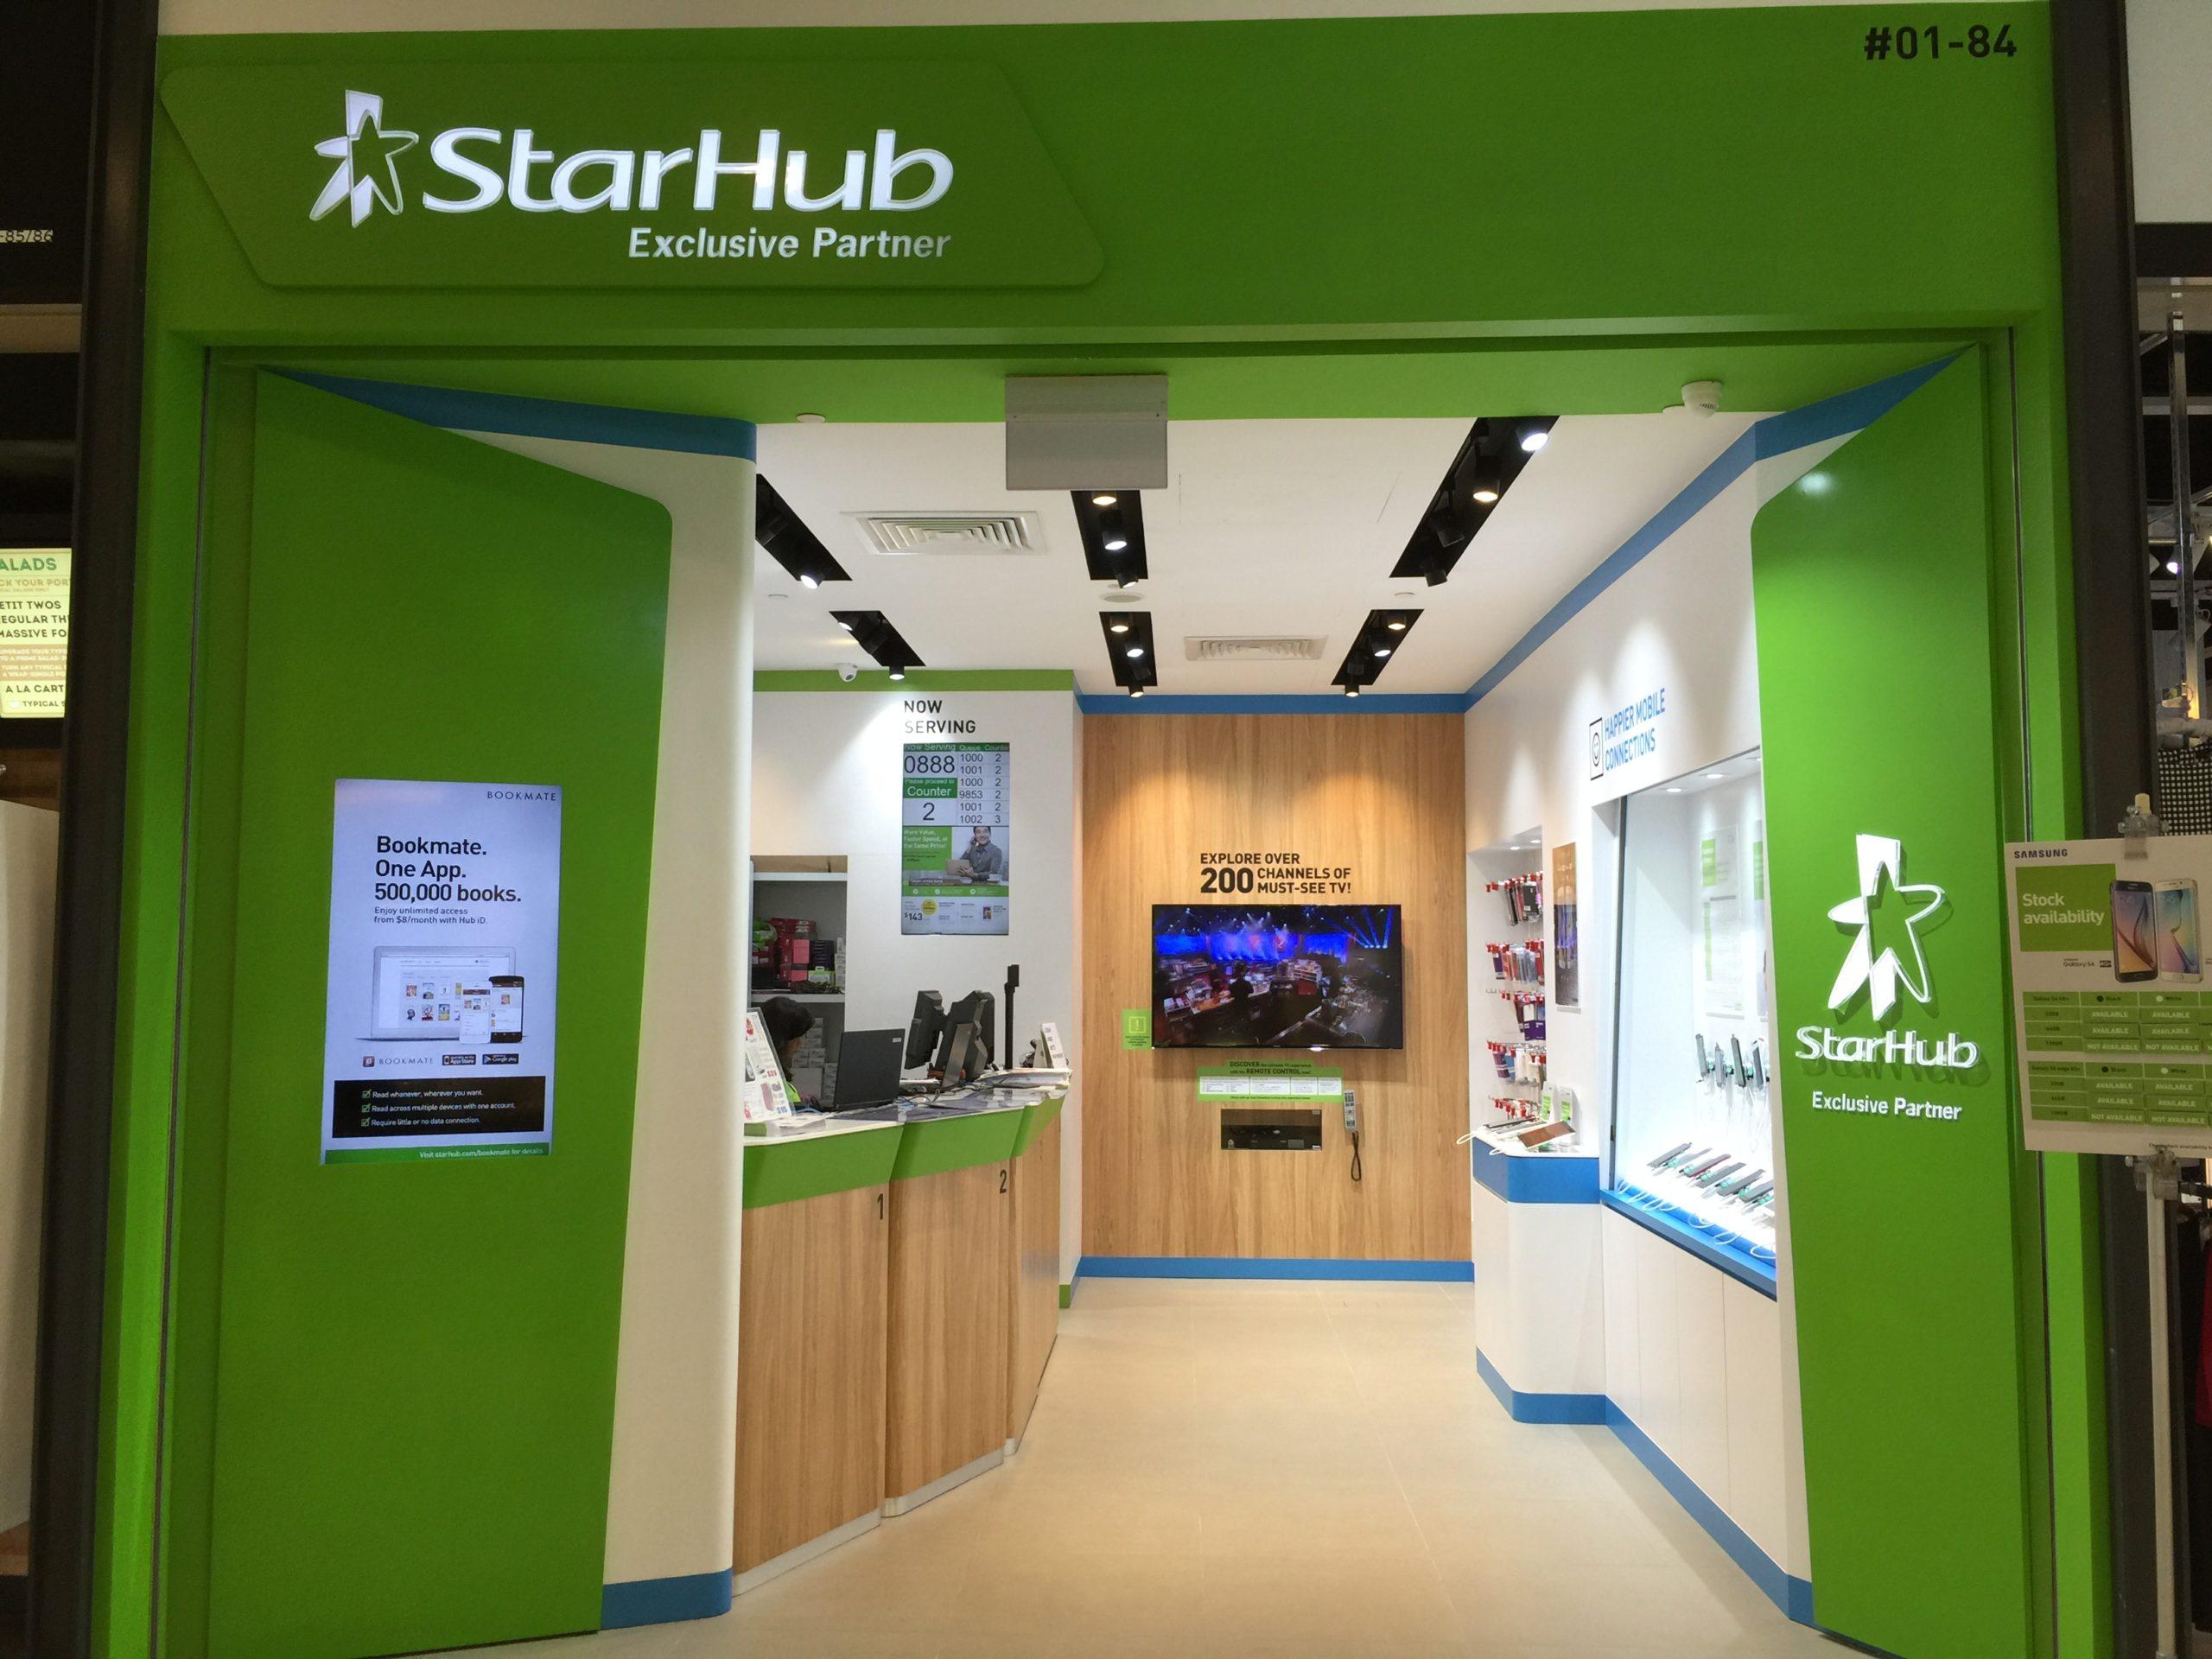 StarHub @ Paya Lebar Square